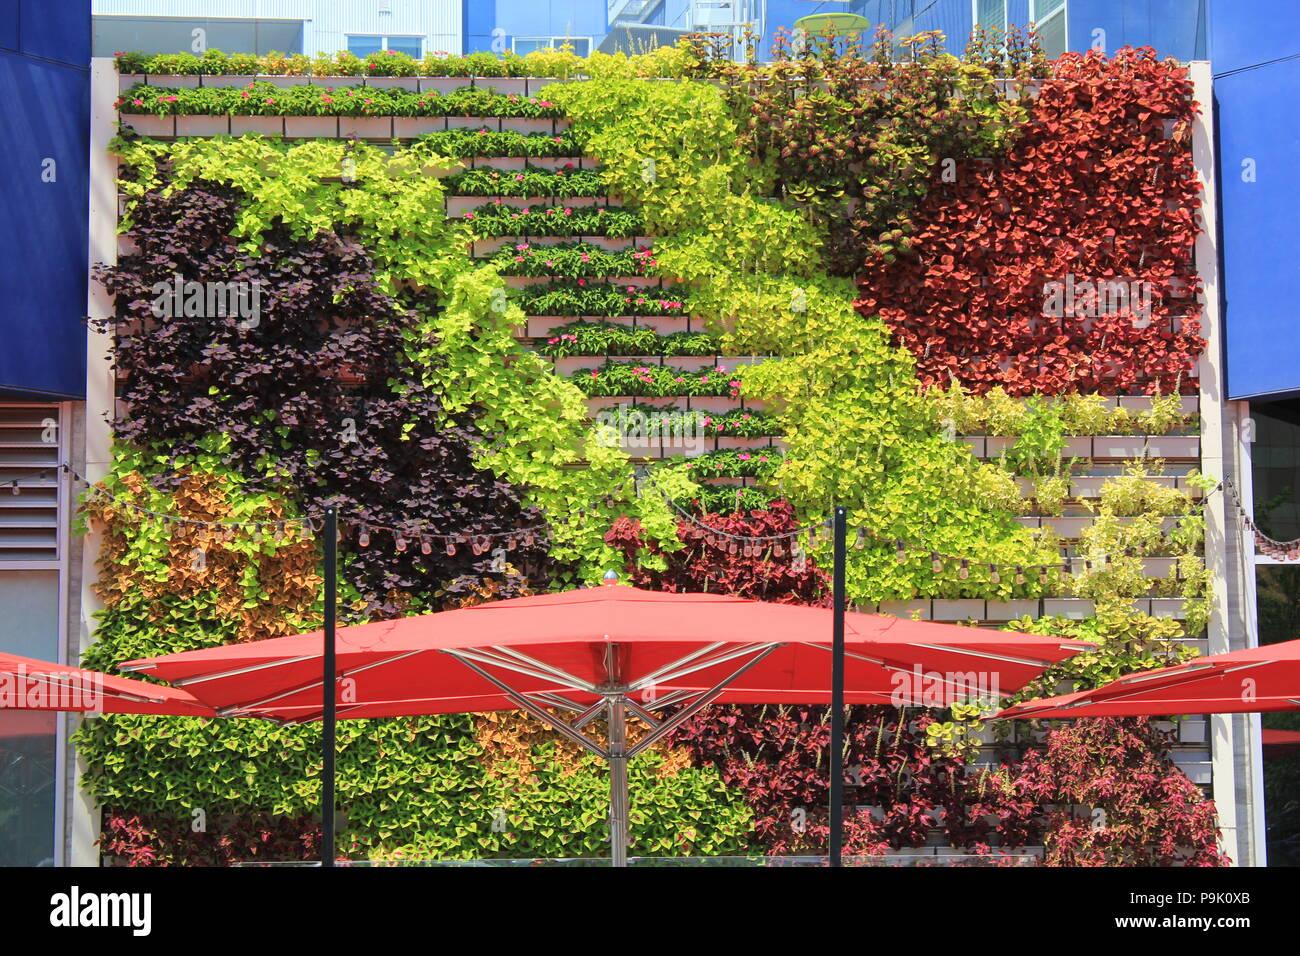 Wand Garten Und Container Gardening Lifestyle Mit Pantone Farbe Rot